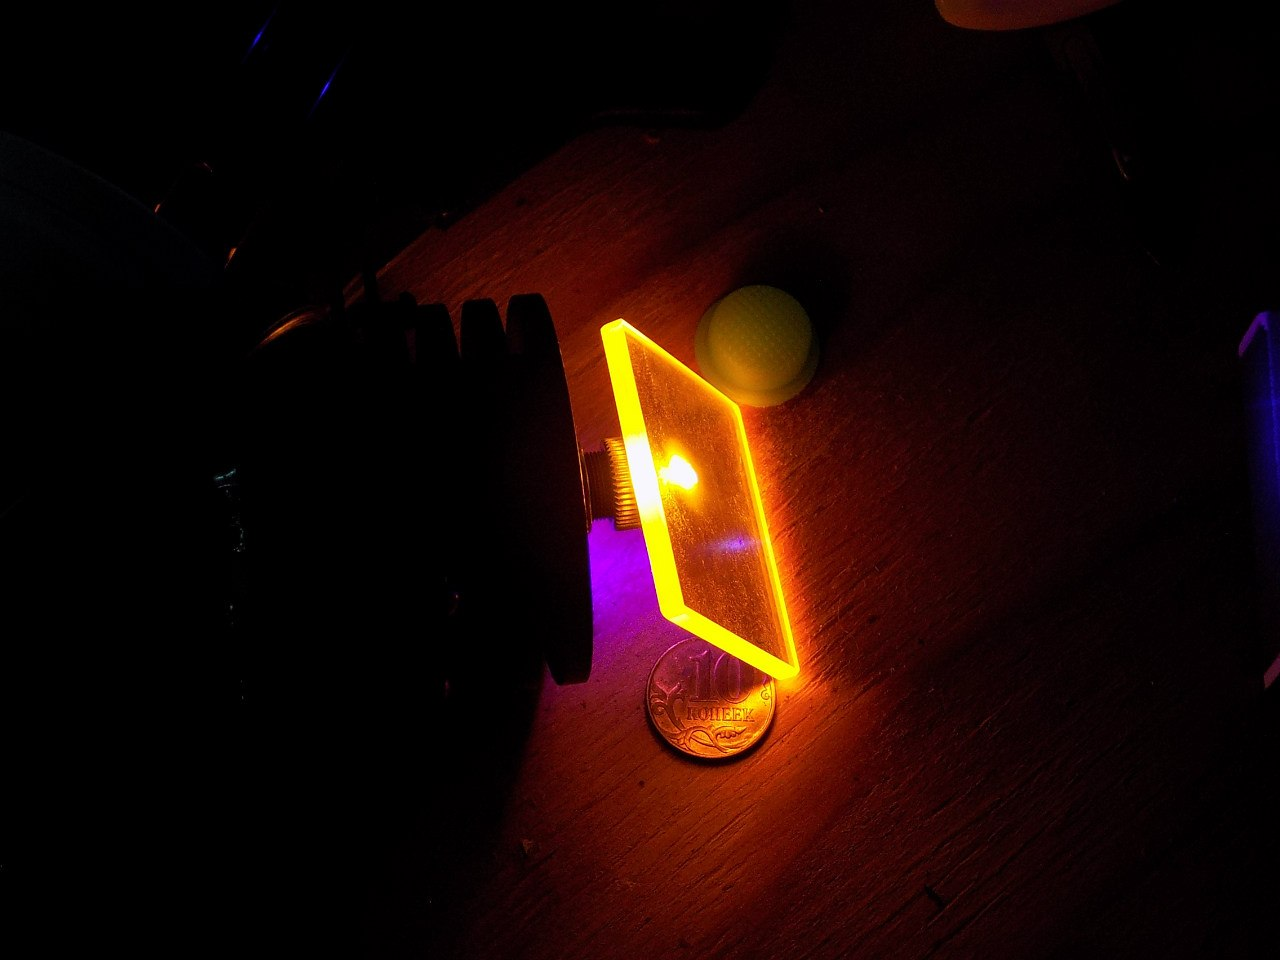 Синий лазер направлен на светофильтр и бюксы с  растворами красителей